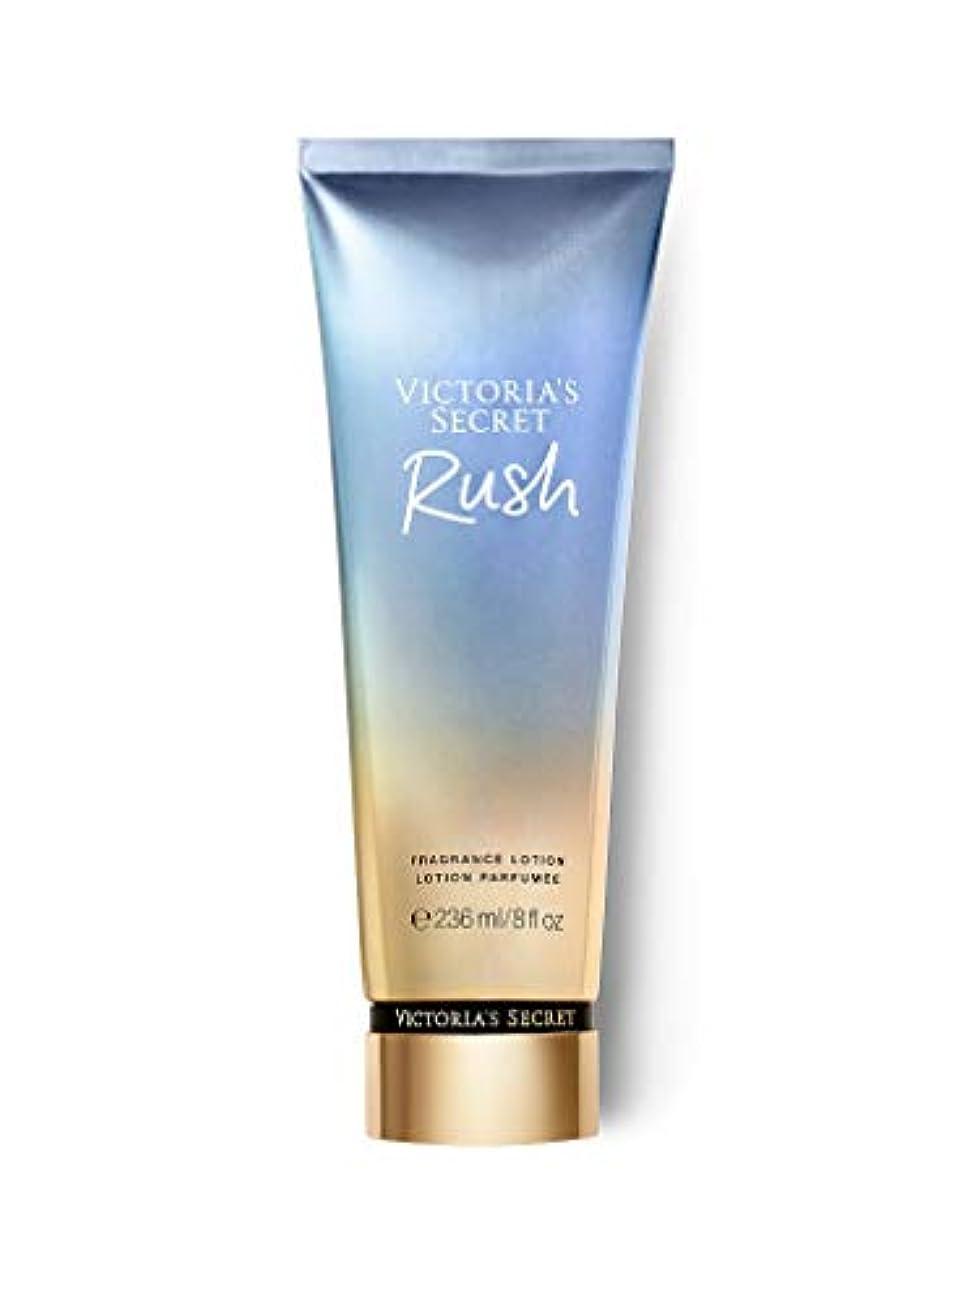 応援する投資するオレンジVICTORIA'S SECRET ヴィクトリアシークレット/ビクトリアシークレット ラッシュ フレグランスローション ( VTS-Rush ) Rush Fragrance Lotion